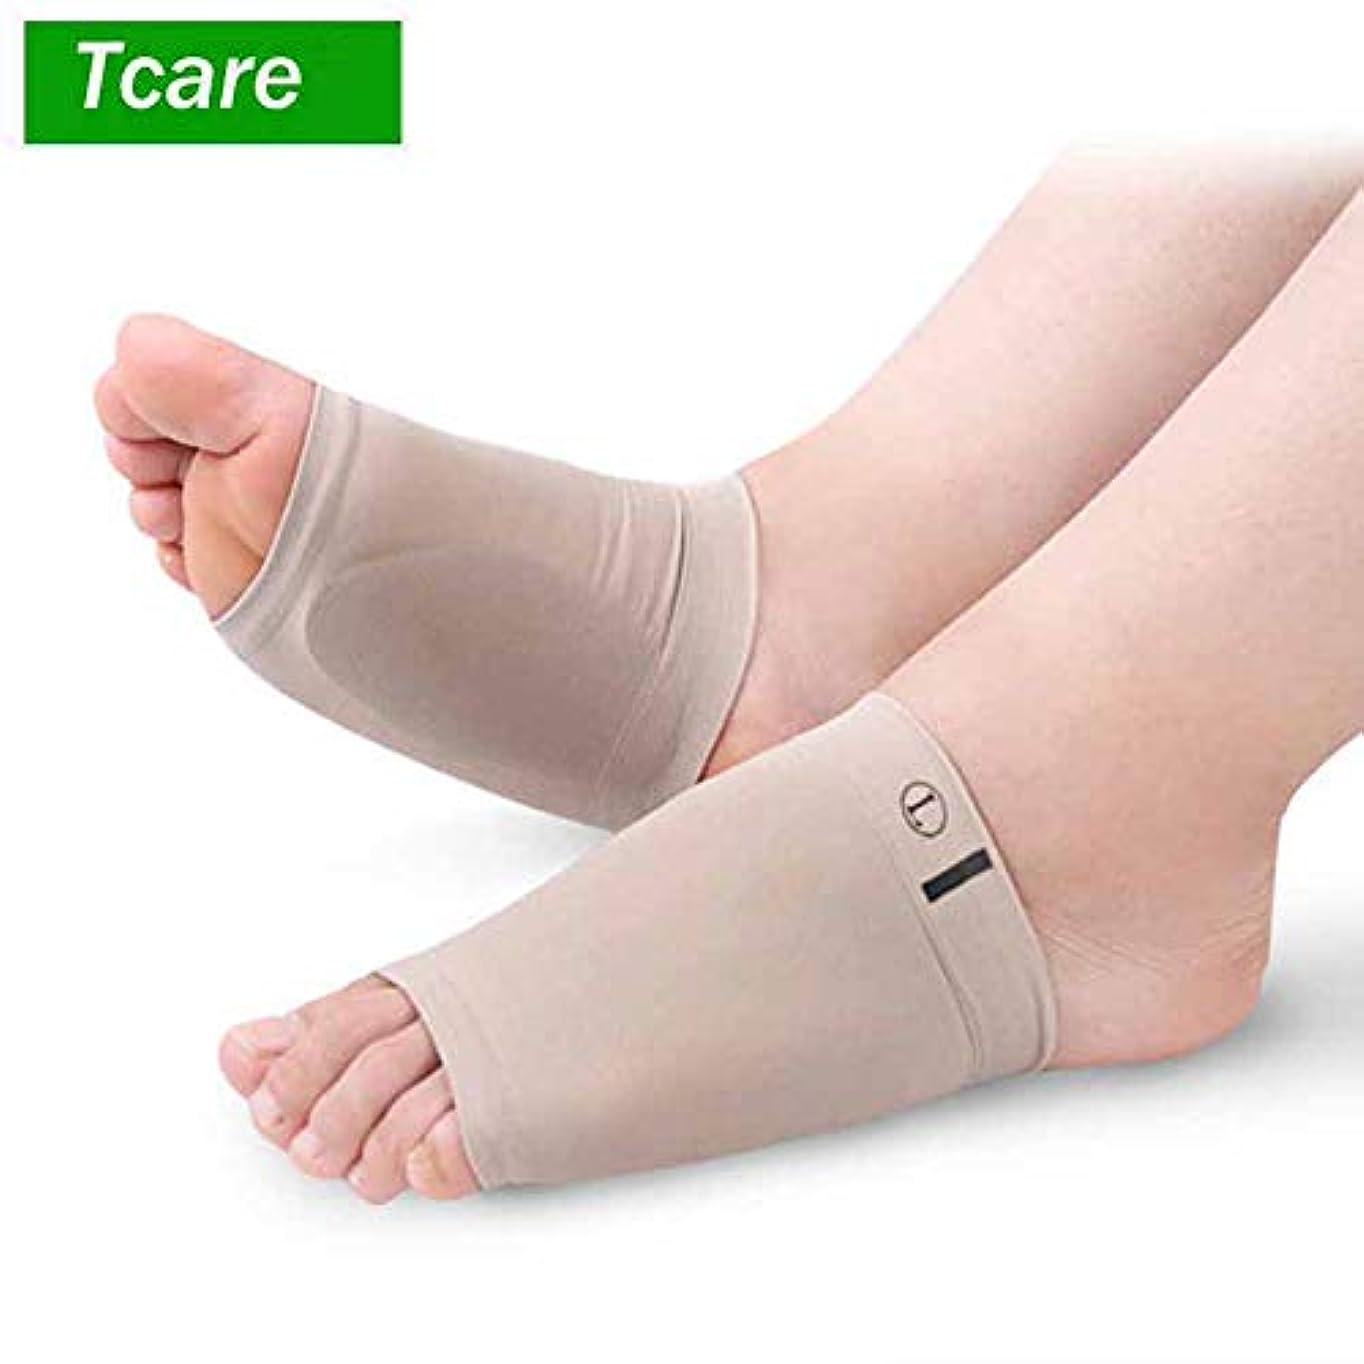 分割神話今晩ゲルクッション型足関節アーチ支持スリーブ対足底筋膜炎フラットフィート痛みヒールスパーズヒールニューロマスヒップフィートと背中の問題からの救済